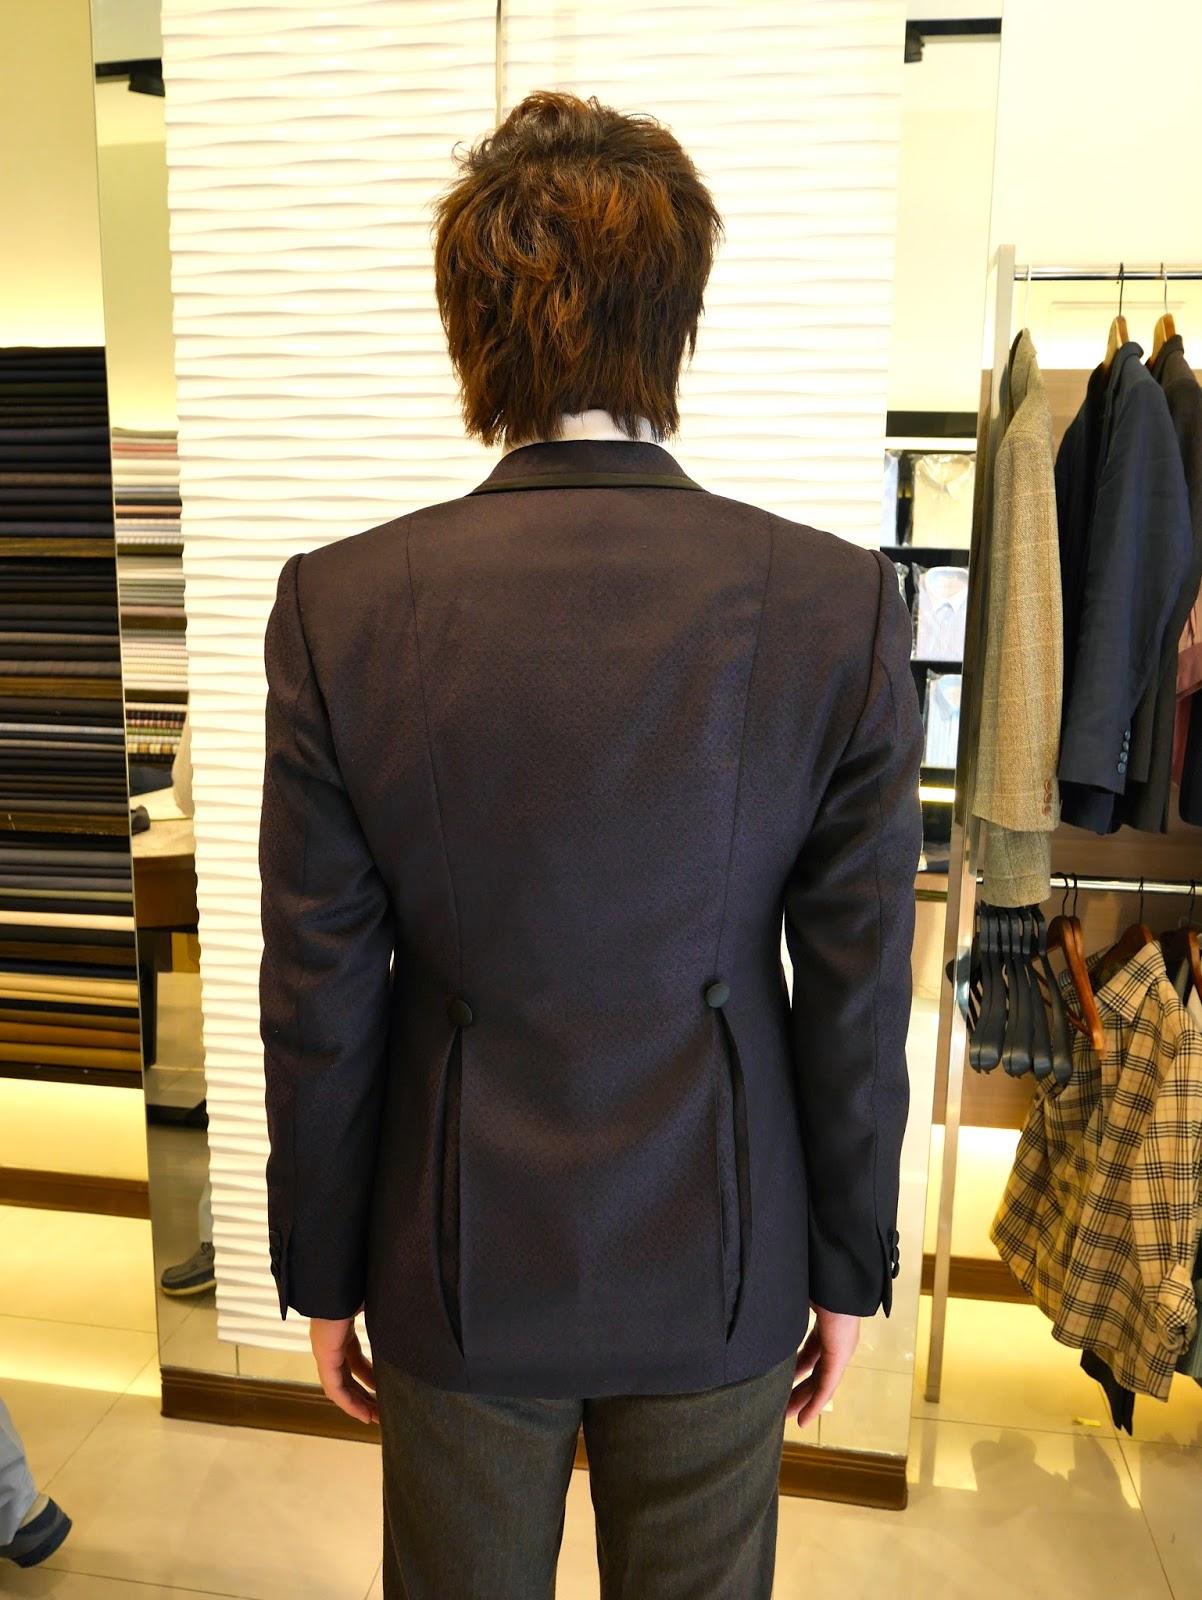 西裝, 襯衫, 西服, 西裝訂做, 訂做西裝, 訂製西裝, 西服訂做, 訂製西服, 西裝外套, 襯衫訂製, 訂做襯衫, 女套裝, 西裝褲, 西裝推薦, 結婚西裝, 訂做西裝褲, 手工西裝, 女襯衫, 男襯衫, 禮德